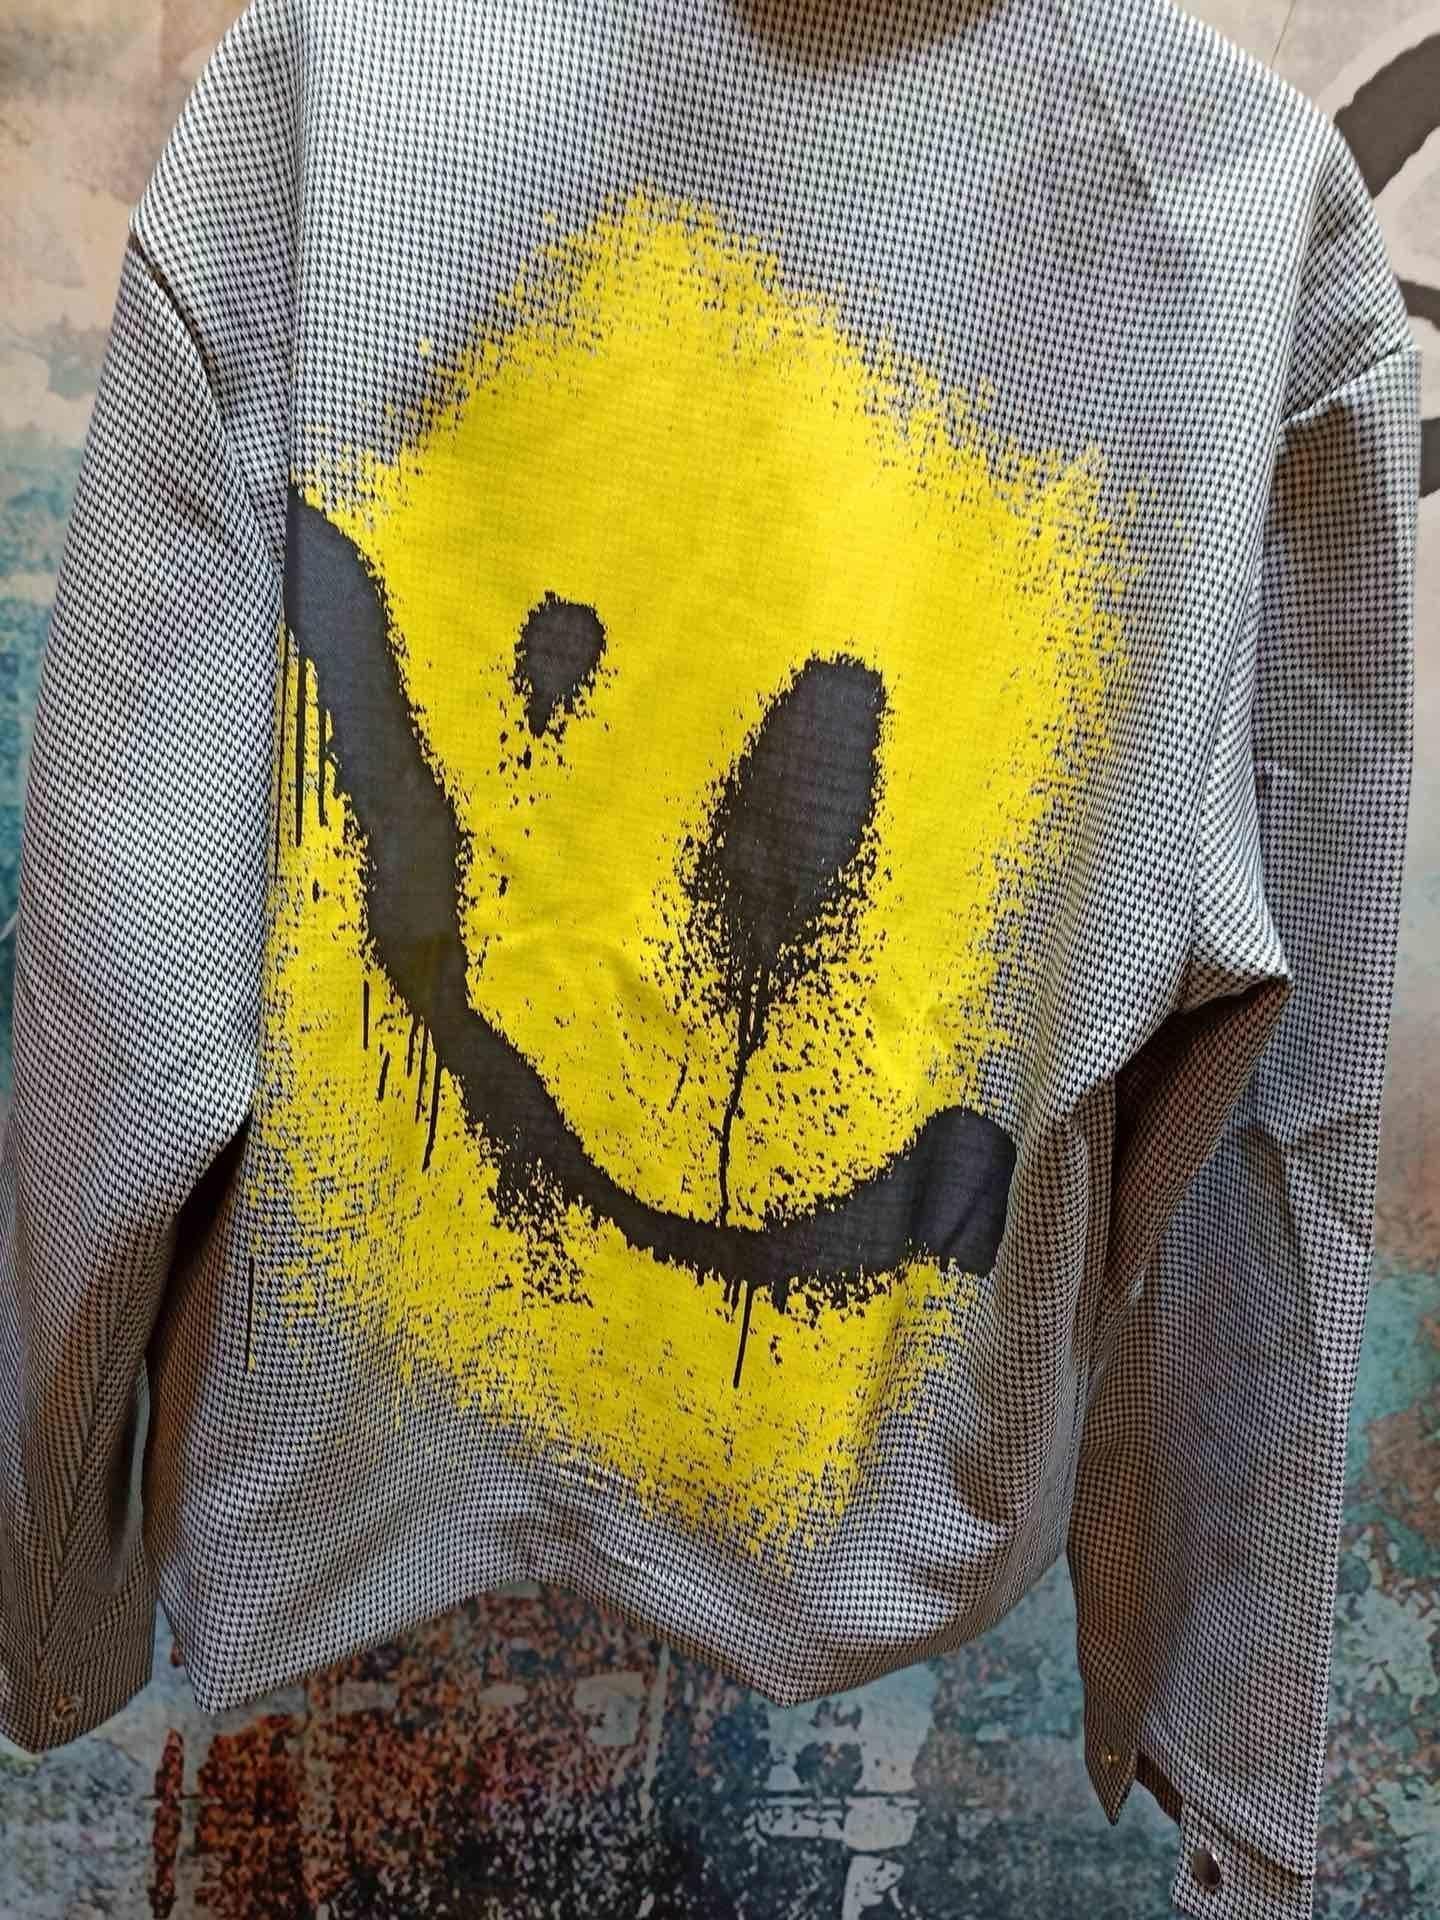 Рукав куртки сетки пальто Длинные Женщины Outwear бренд женщин балахон Ветровка женская одежда блузки и пиджаки вскользь куртка